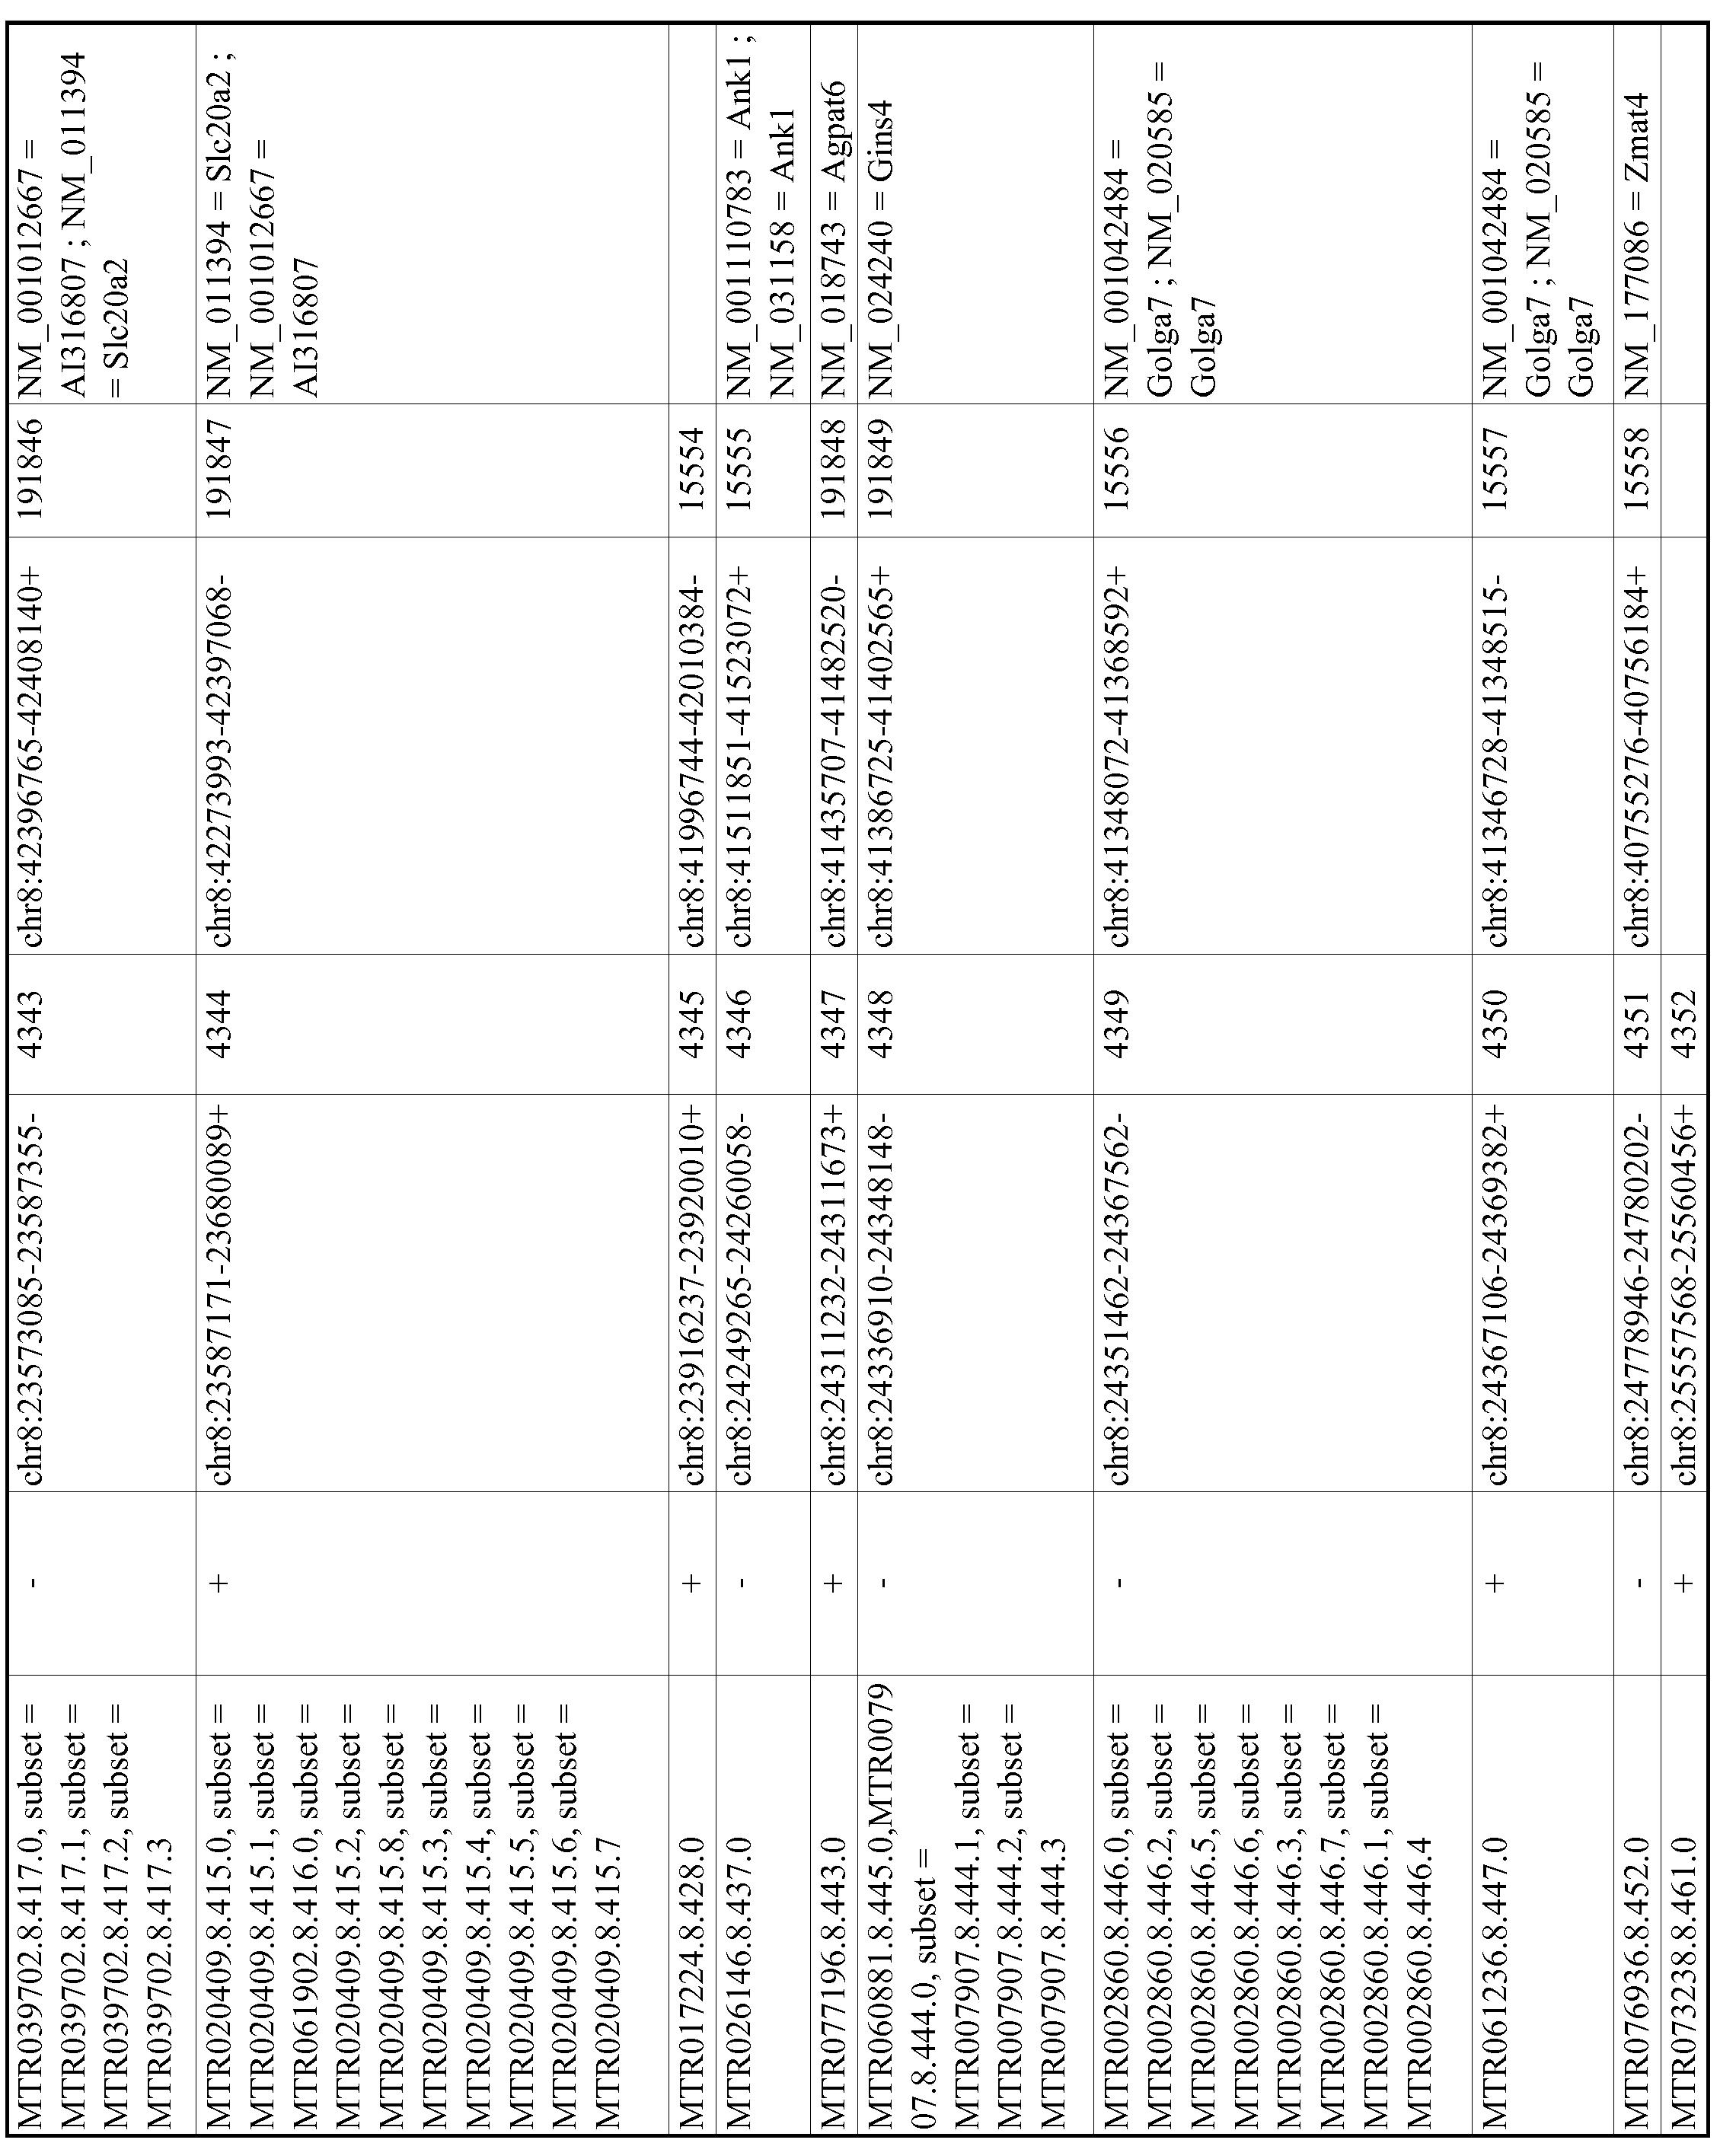 Figure imgf000816_0001